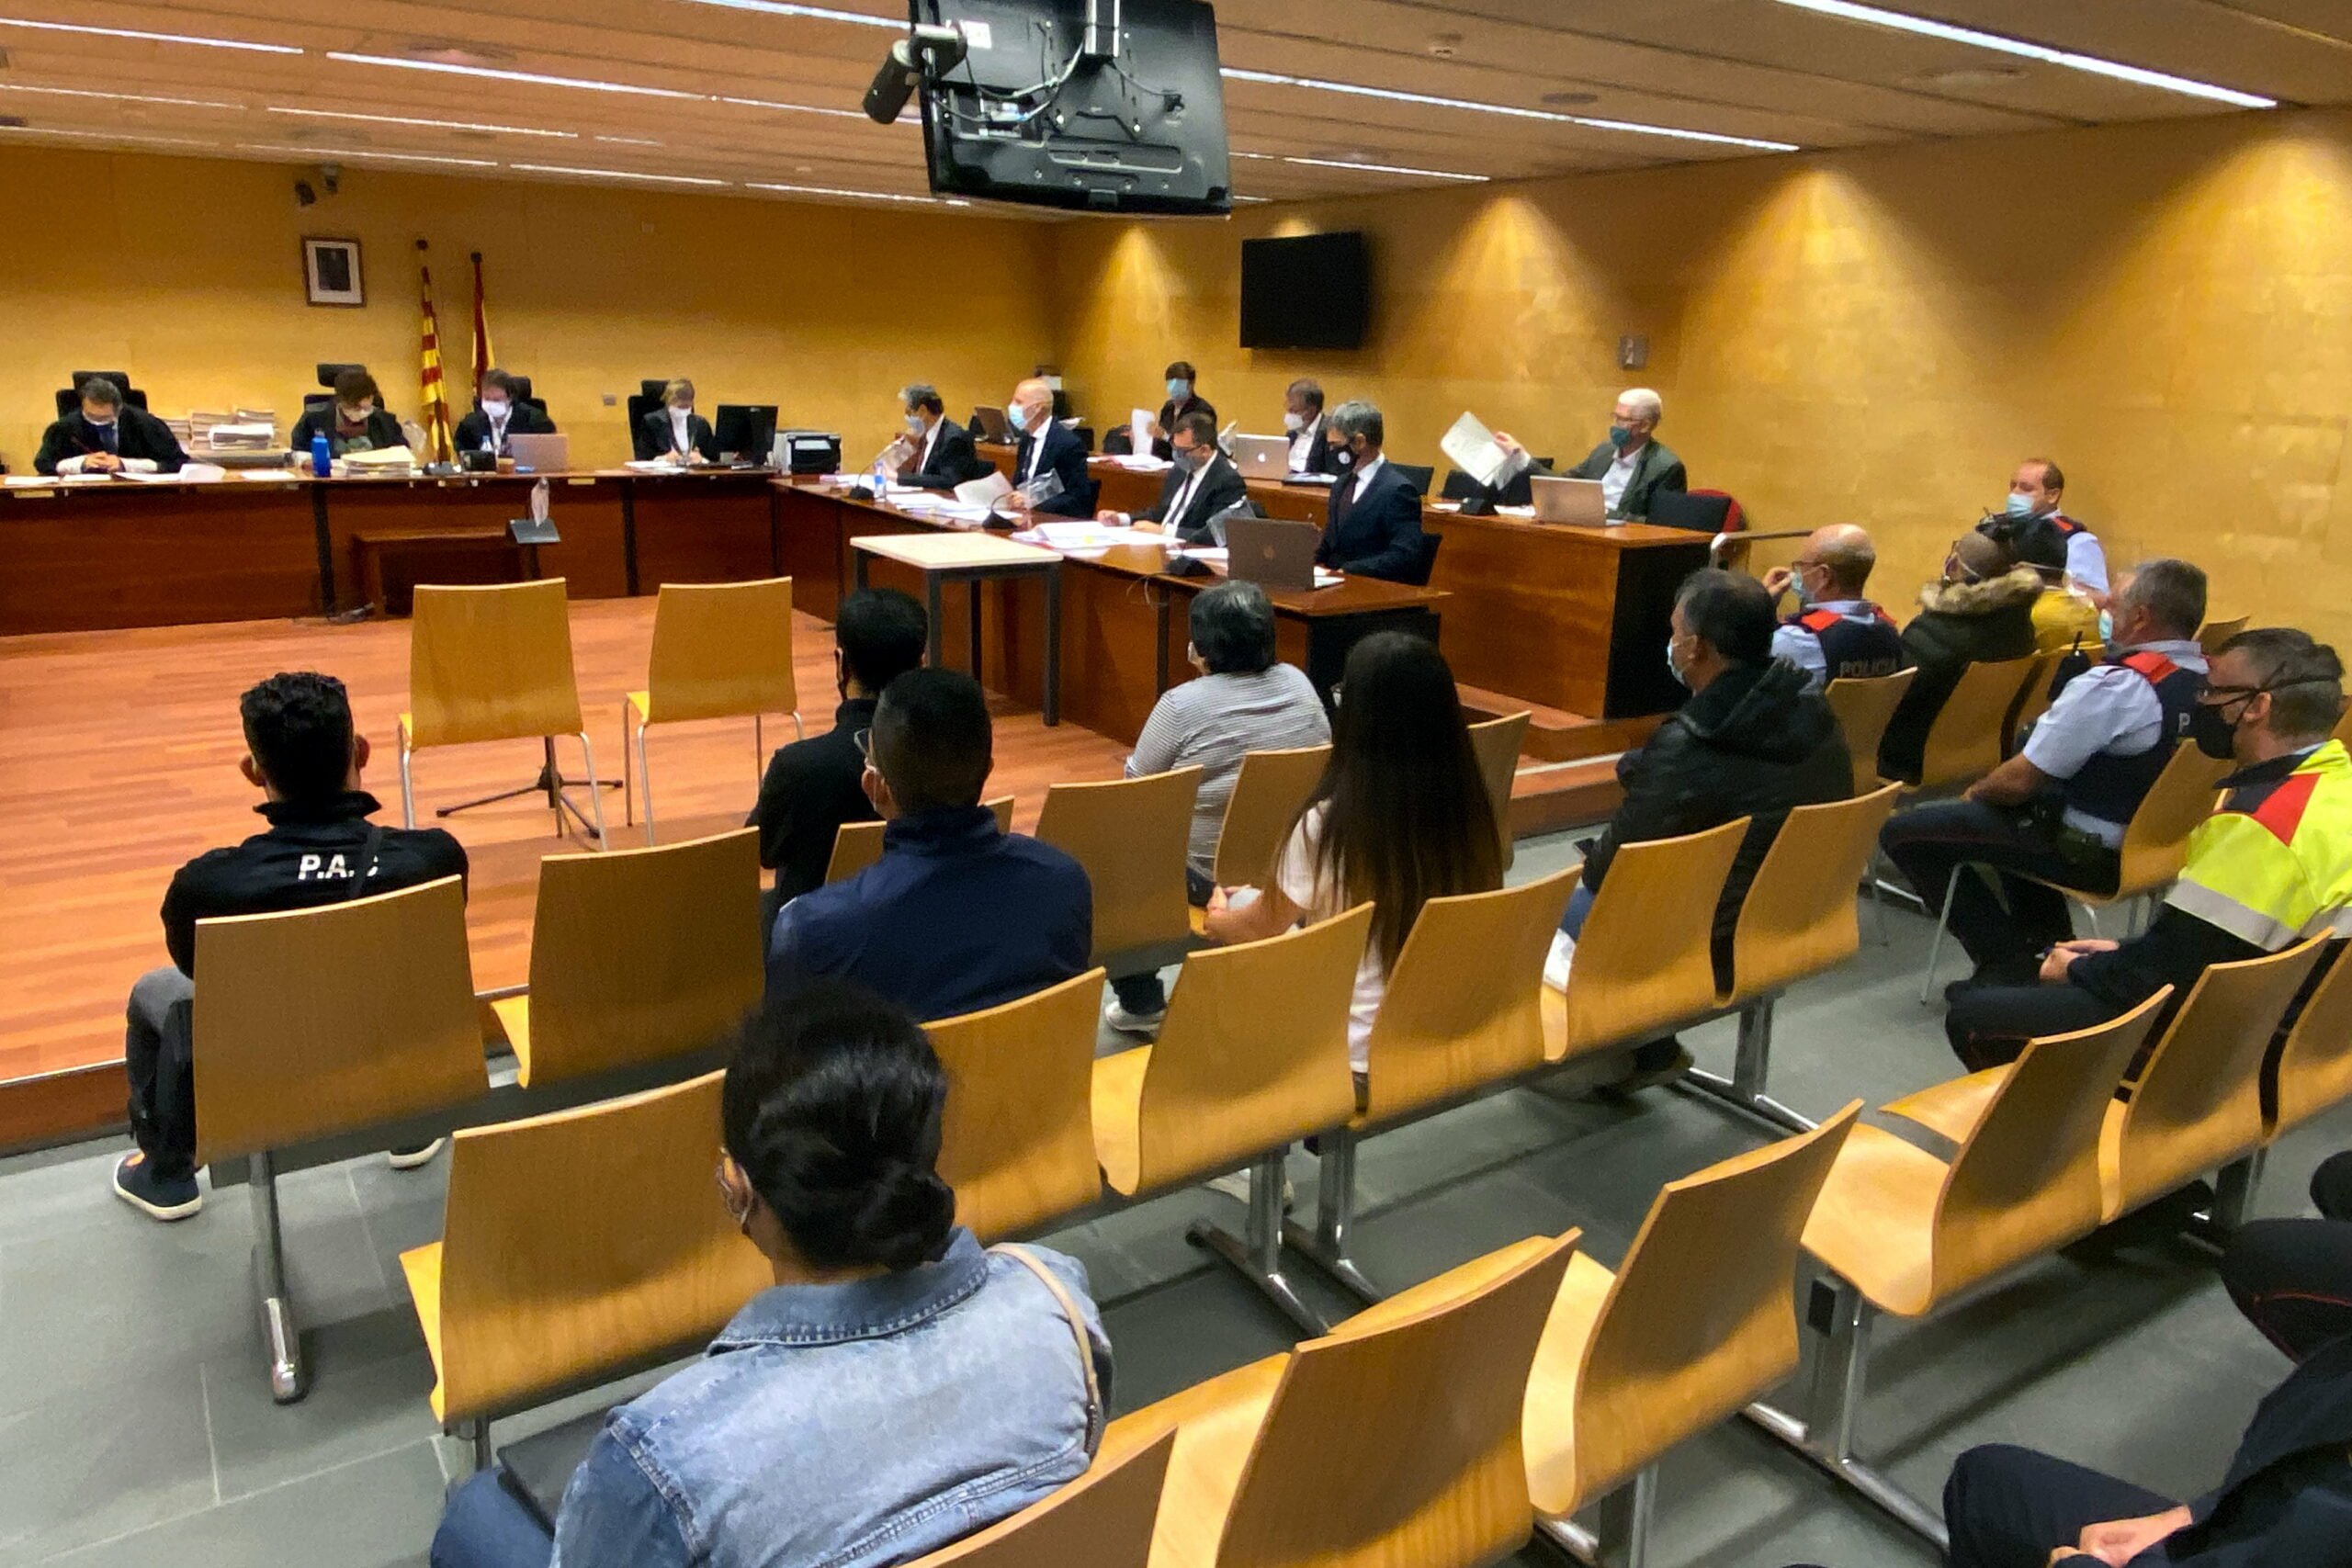 Els vuit acusats jutjats per la seva suposada relació amb una onada de robatoris al Gironès i a la Selva | ACN